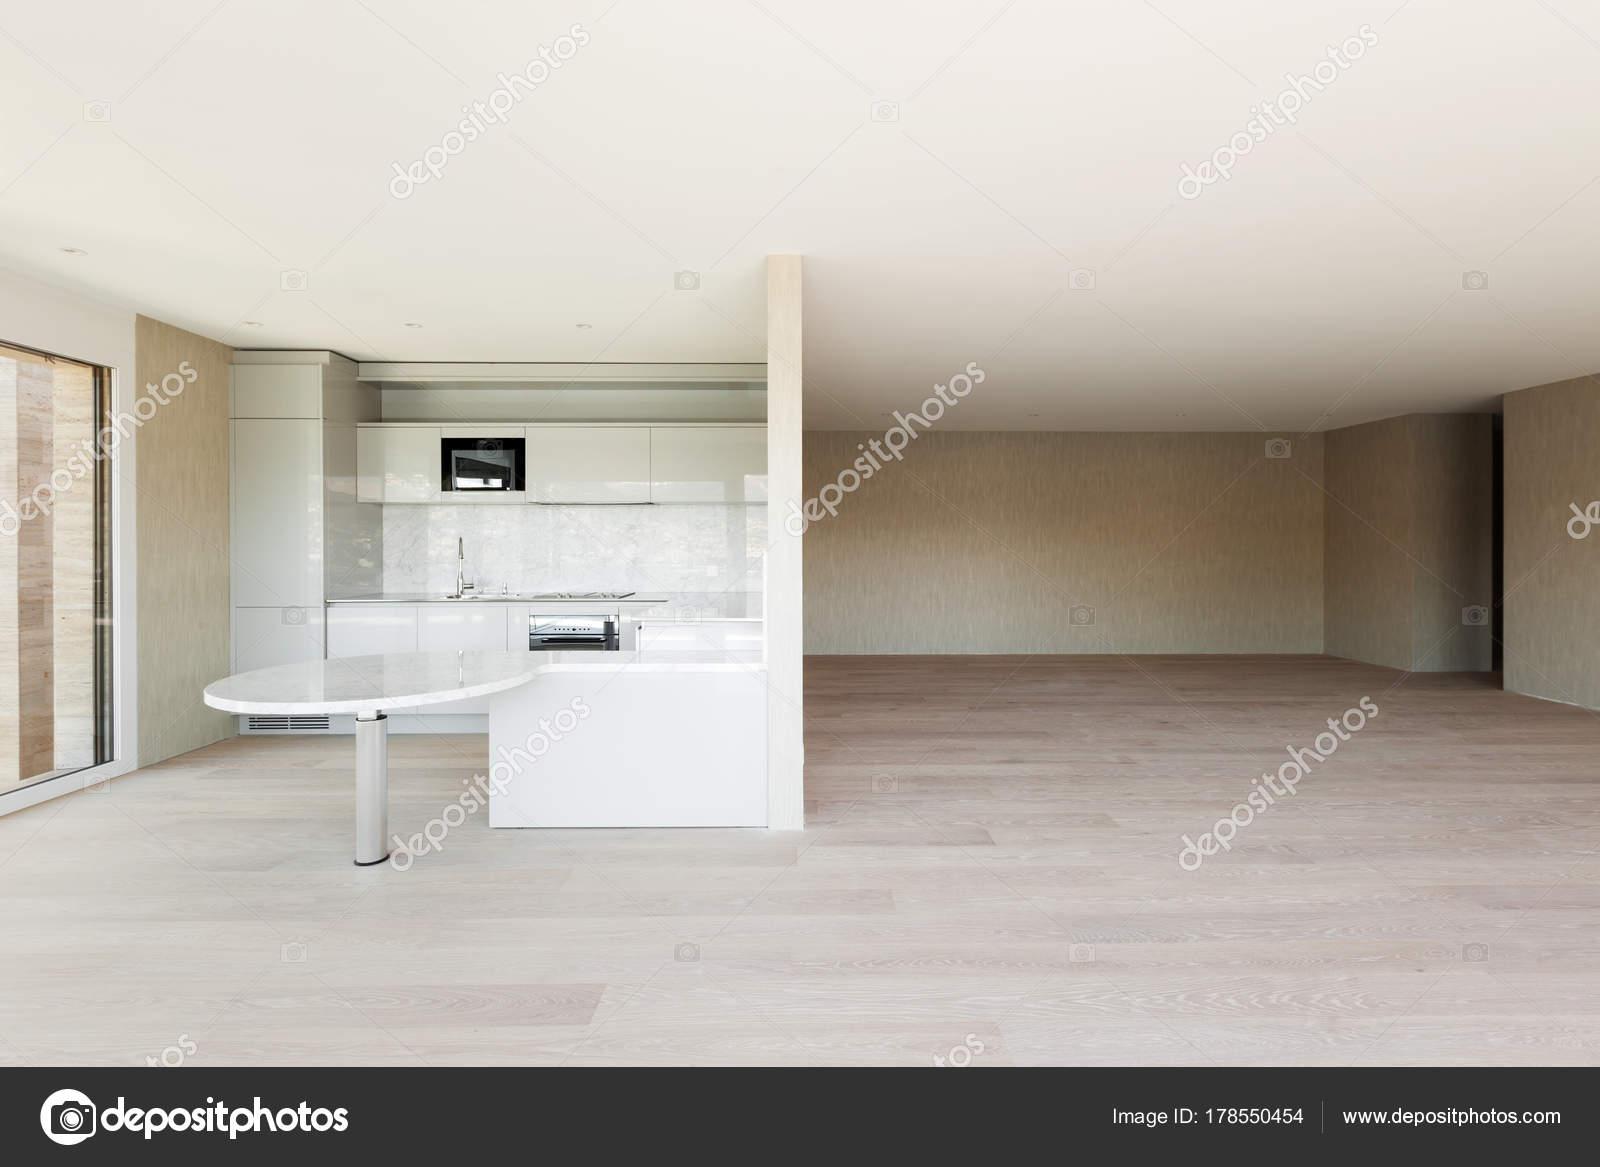 Apartamento Vacío Del Piso Madera Cocina Moderna — Foto de stock ...